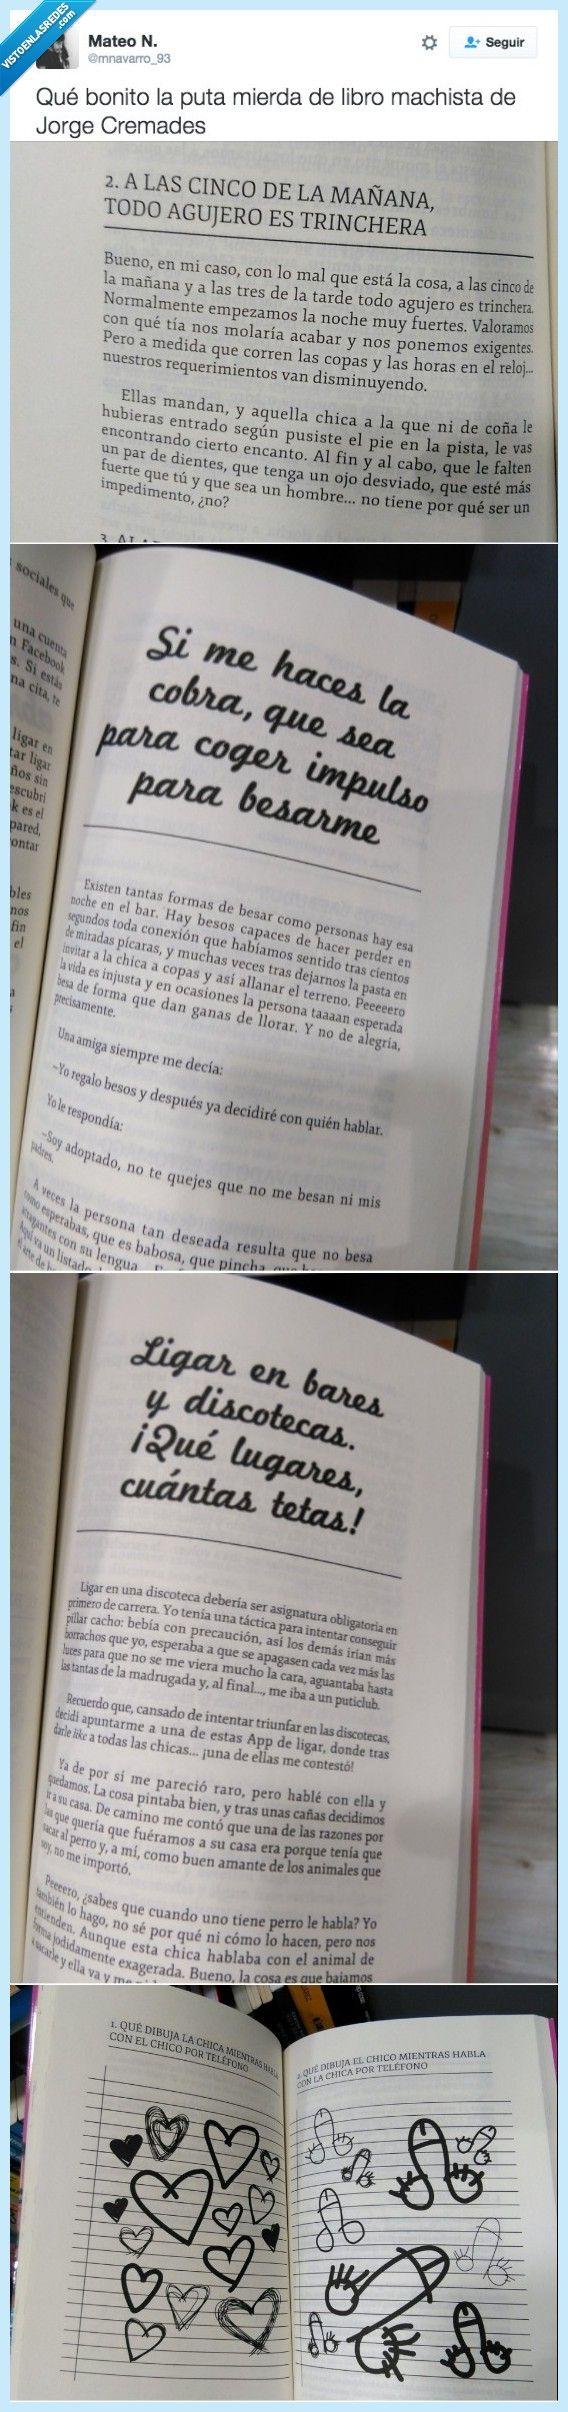 """Jorge Cremades, el nuevo premio Nobel de literatura con su libro """"Caca, pedo pis""""   Gracias a http://www.vistoenlasredes.com/   Si quieres leer la noticia completa visita: http://www.estoy-aburrido.com/jorge-cremades-el-nuevo-premio-nobel-de-literatura-con-su-libro-caca-pedo-pis/"""